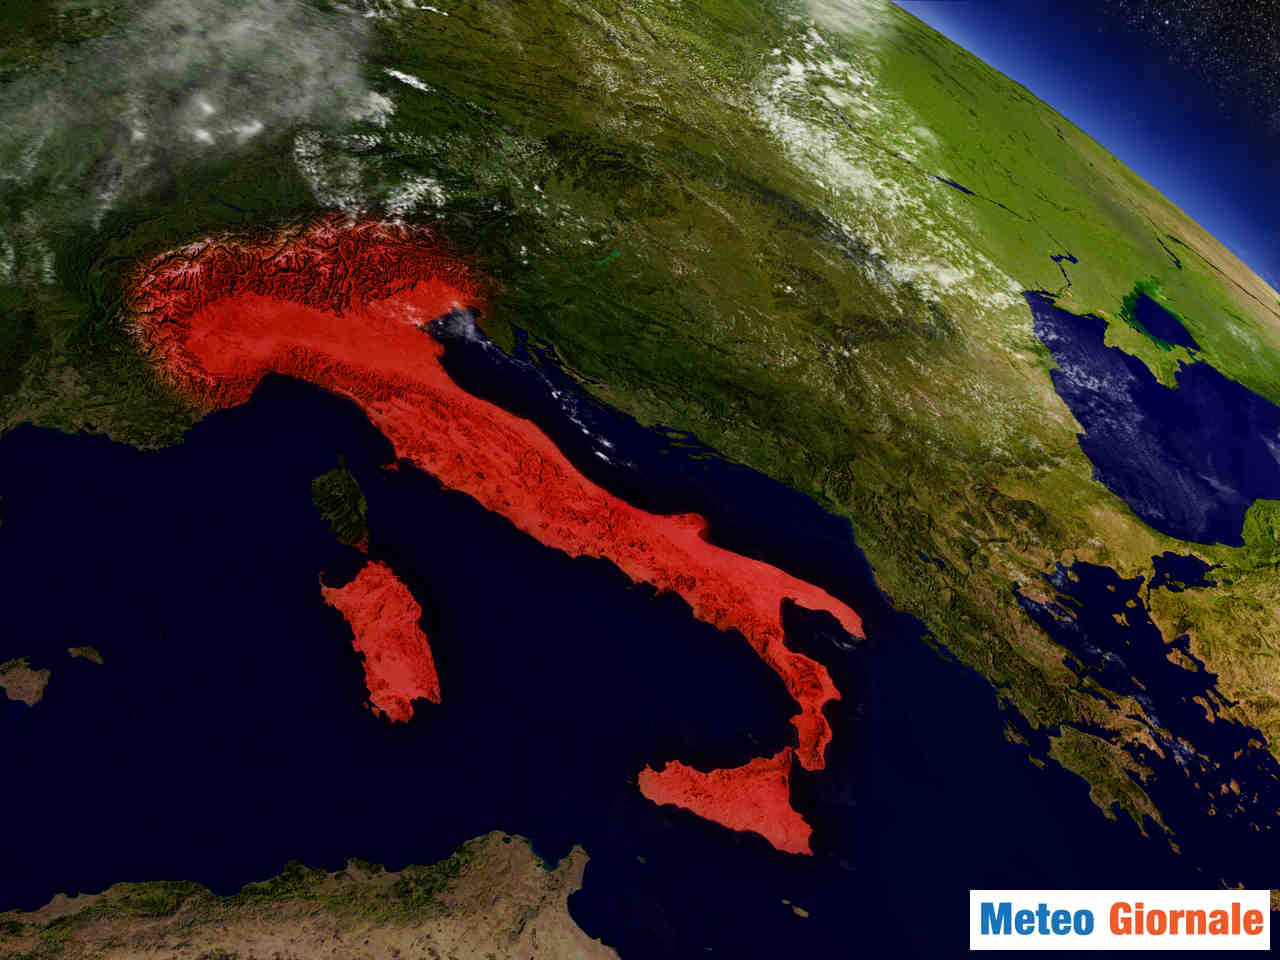 meteo giornale 00023 - Clima Città d'Italia: l'andamento incredibile delle temperature